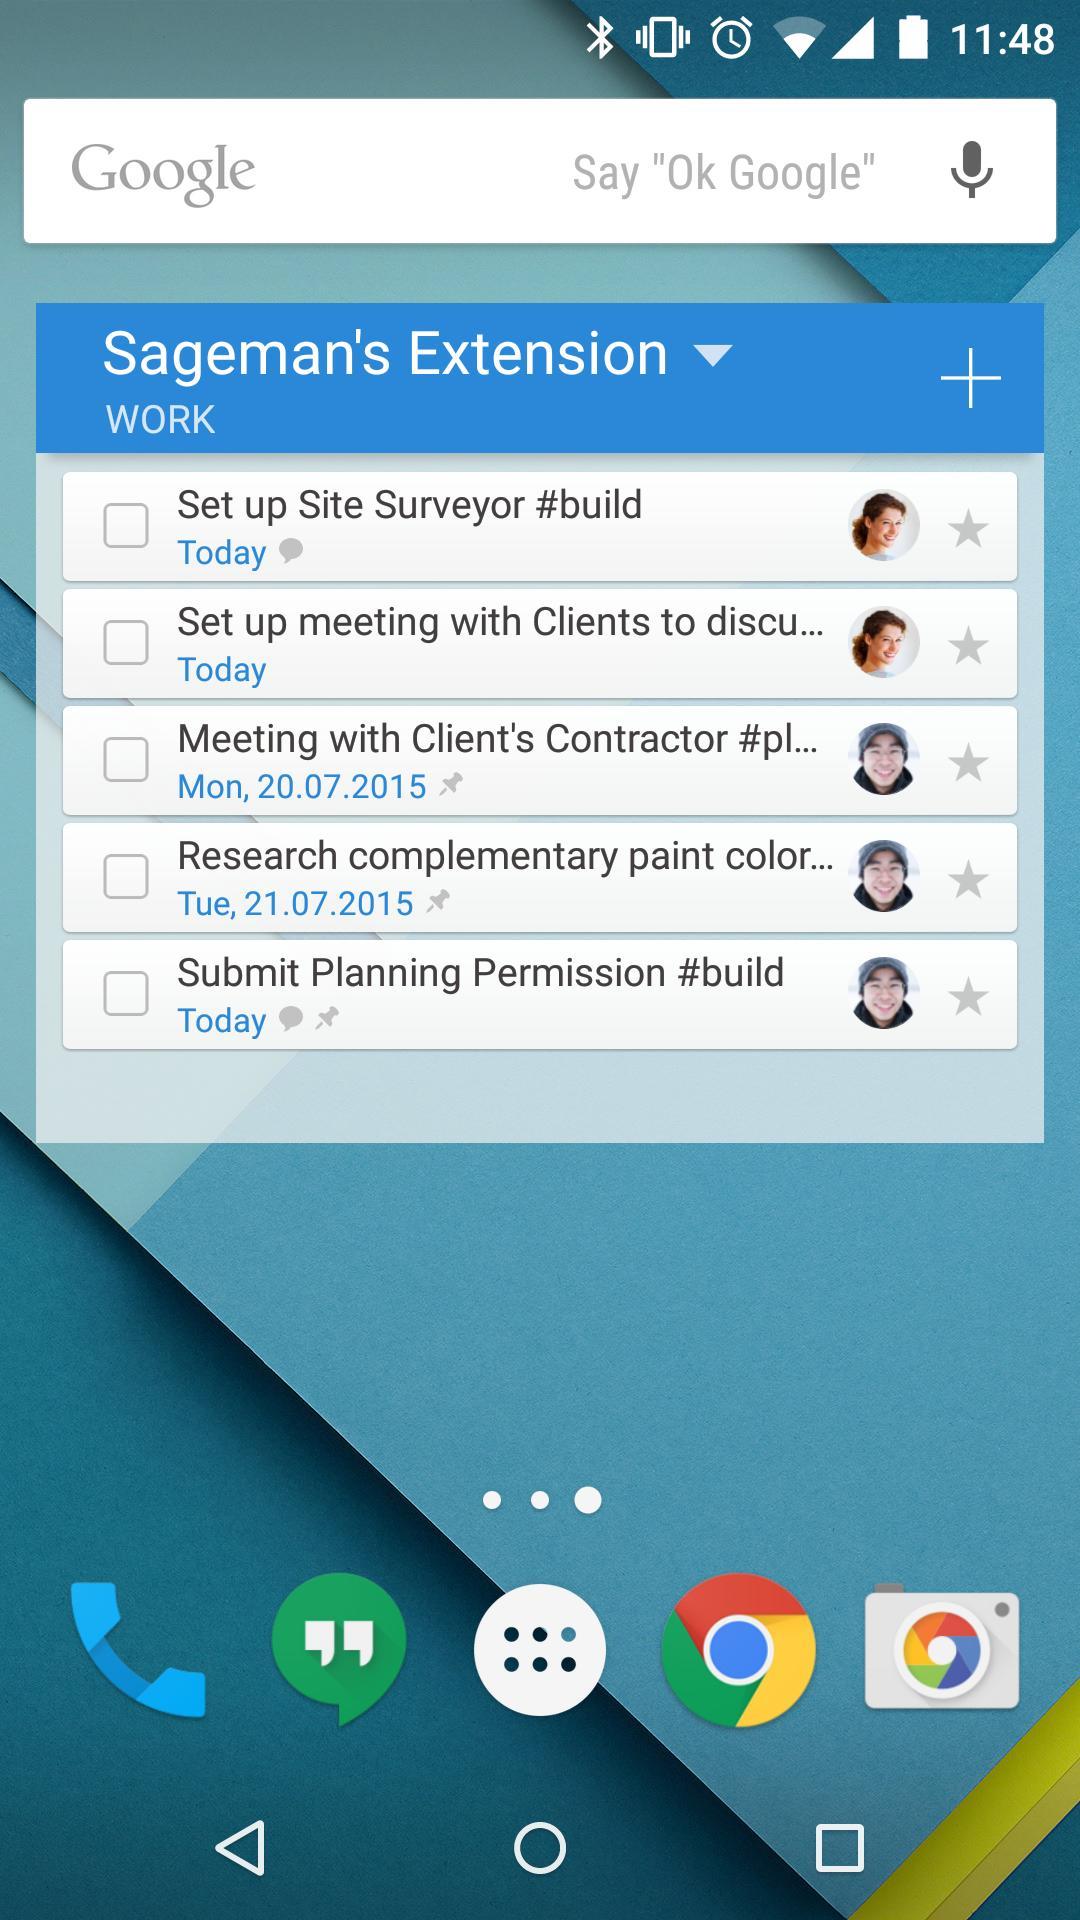 Wunderlist: To-Do List & Tasks 6 تصوير الشاشة